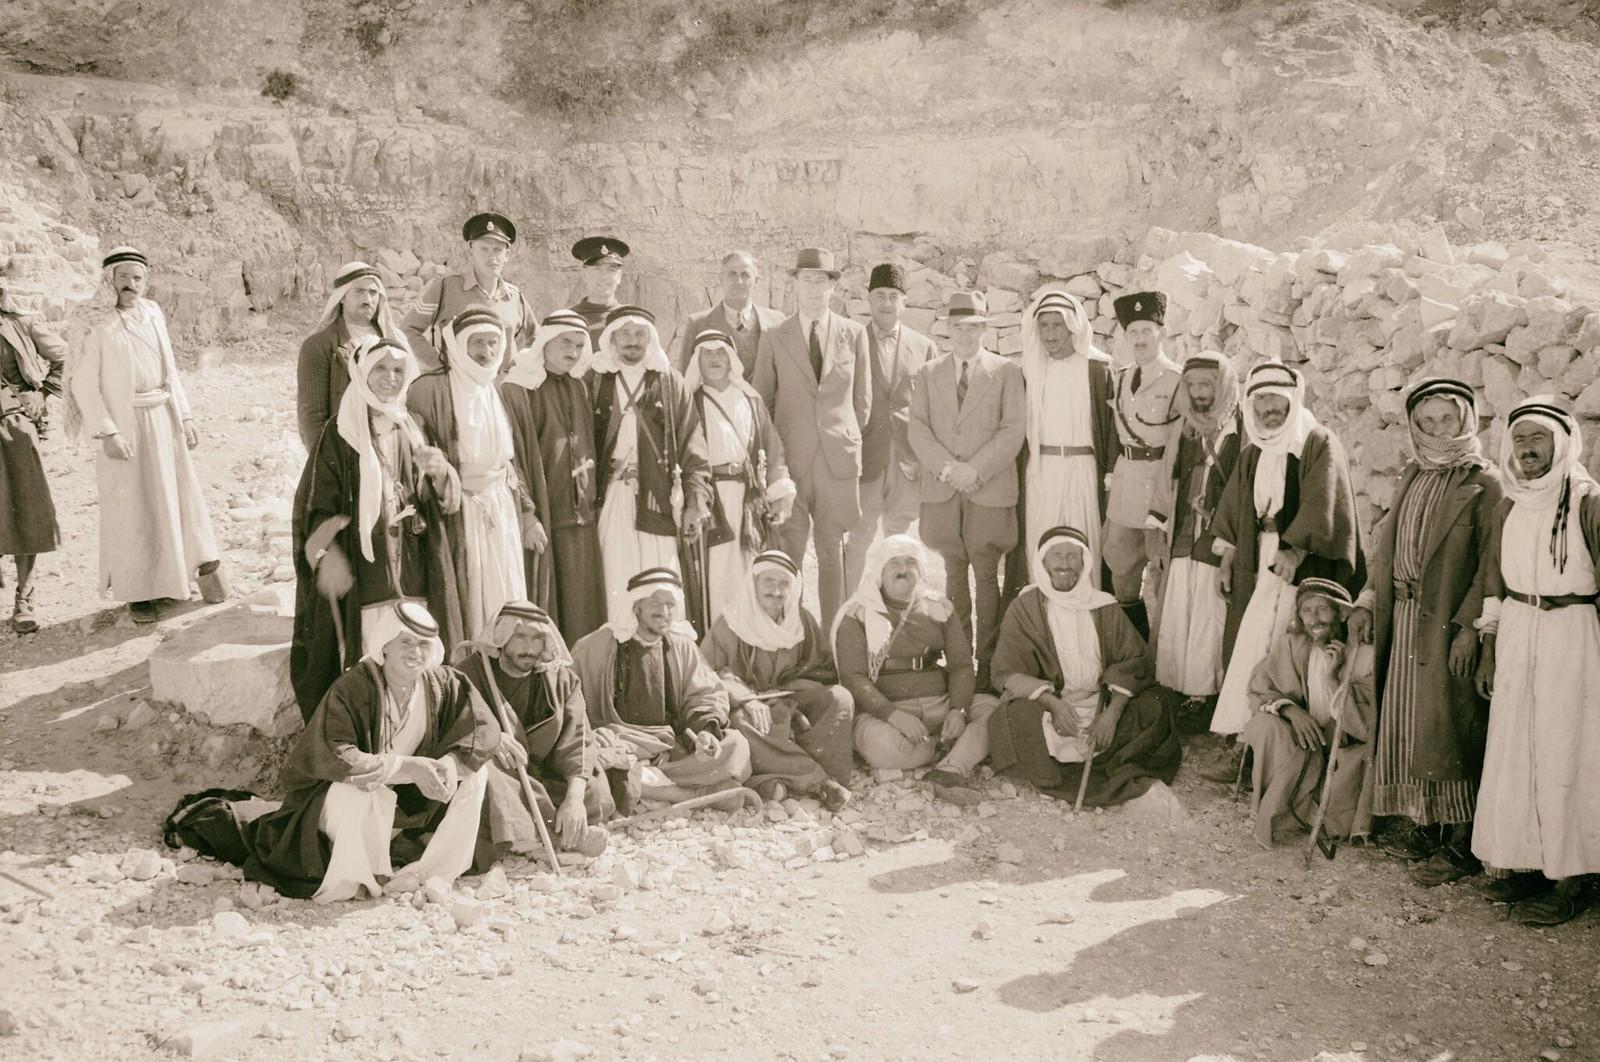 10. Открытие дополнительного источника воды в Айн-Хамде на юго-востоке Вифлеема. Группа бедуинов (Джамри) и правительственные чиновники